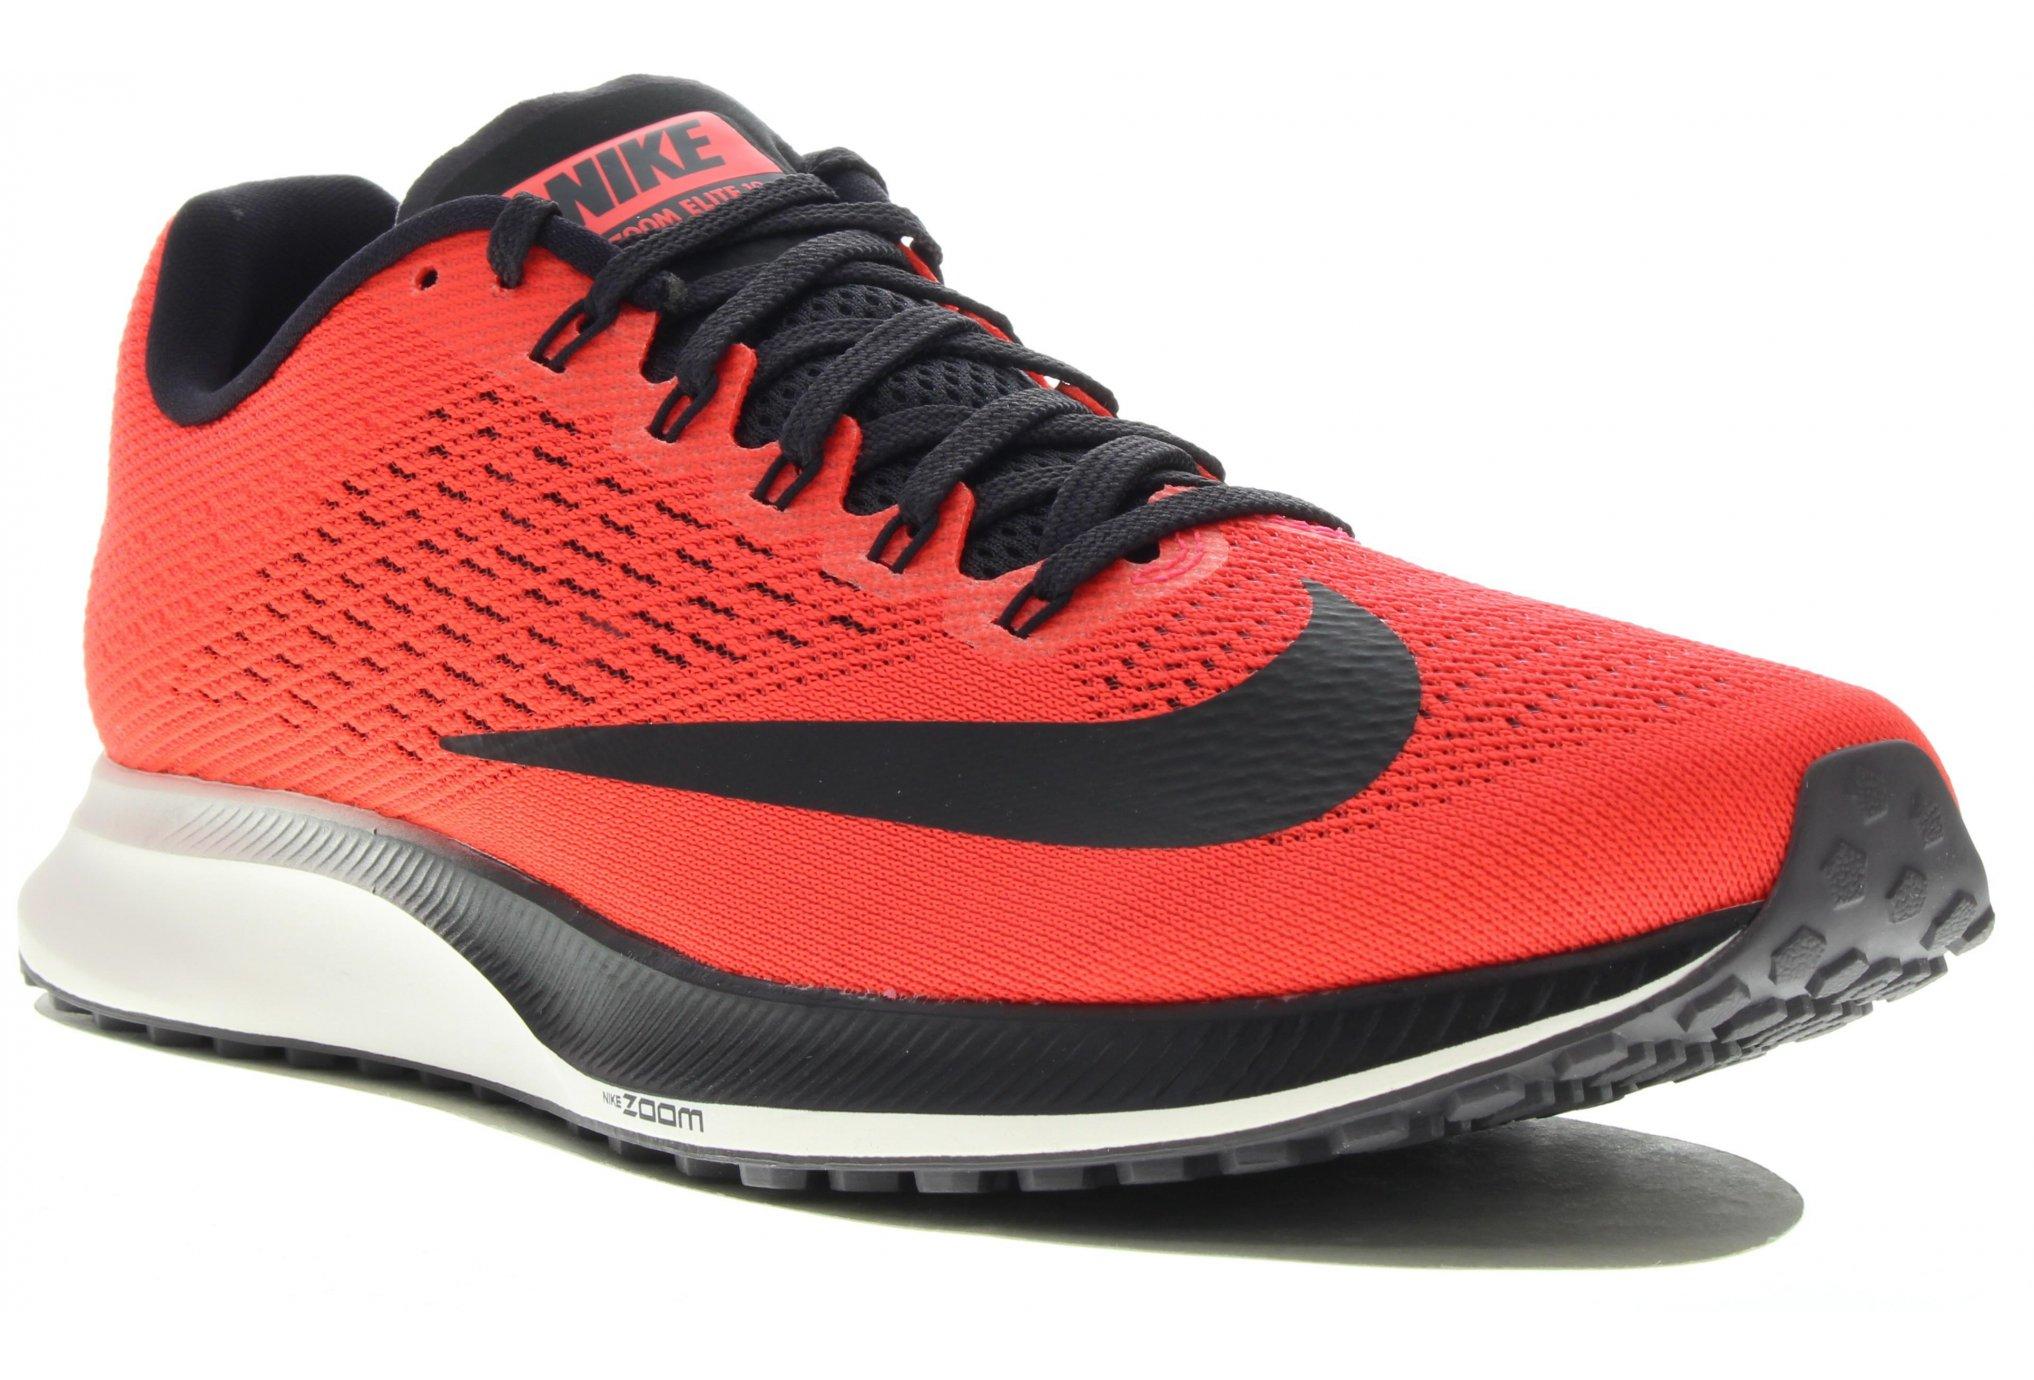 Chaussures pour le 10 km : légères, mais pas que ! U Run